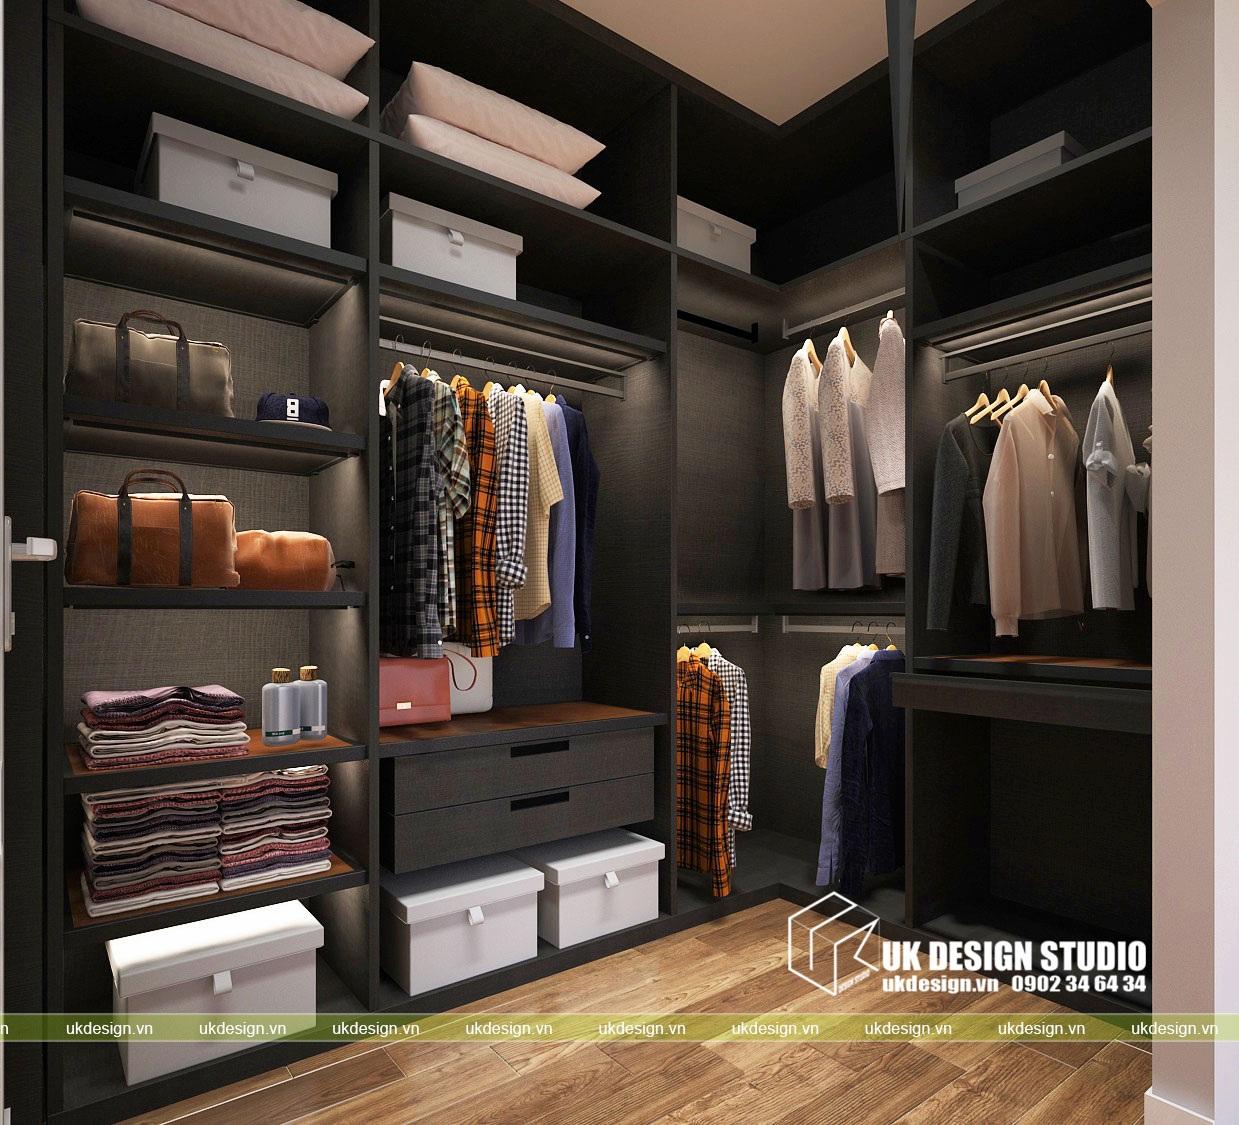 Thiết kế nội thất biệt thự hiện đại 10x20m